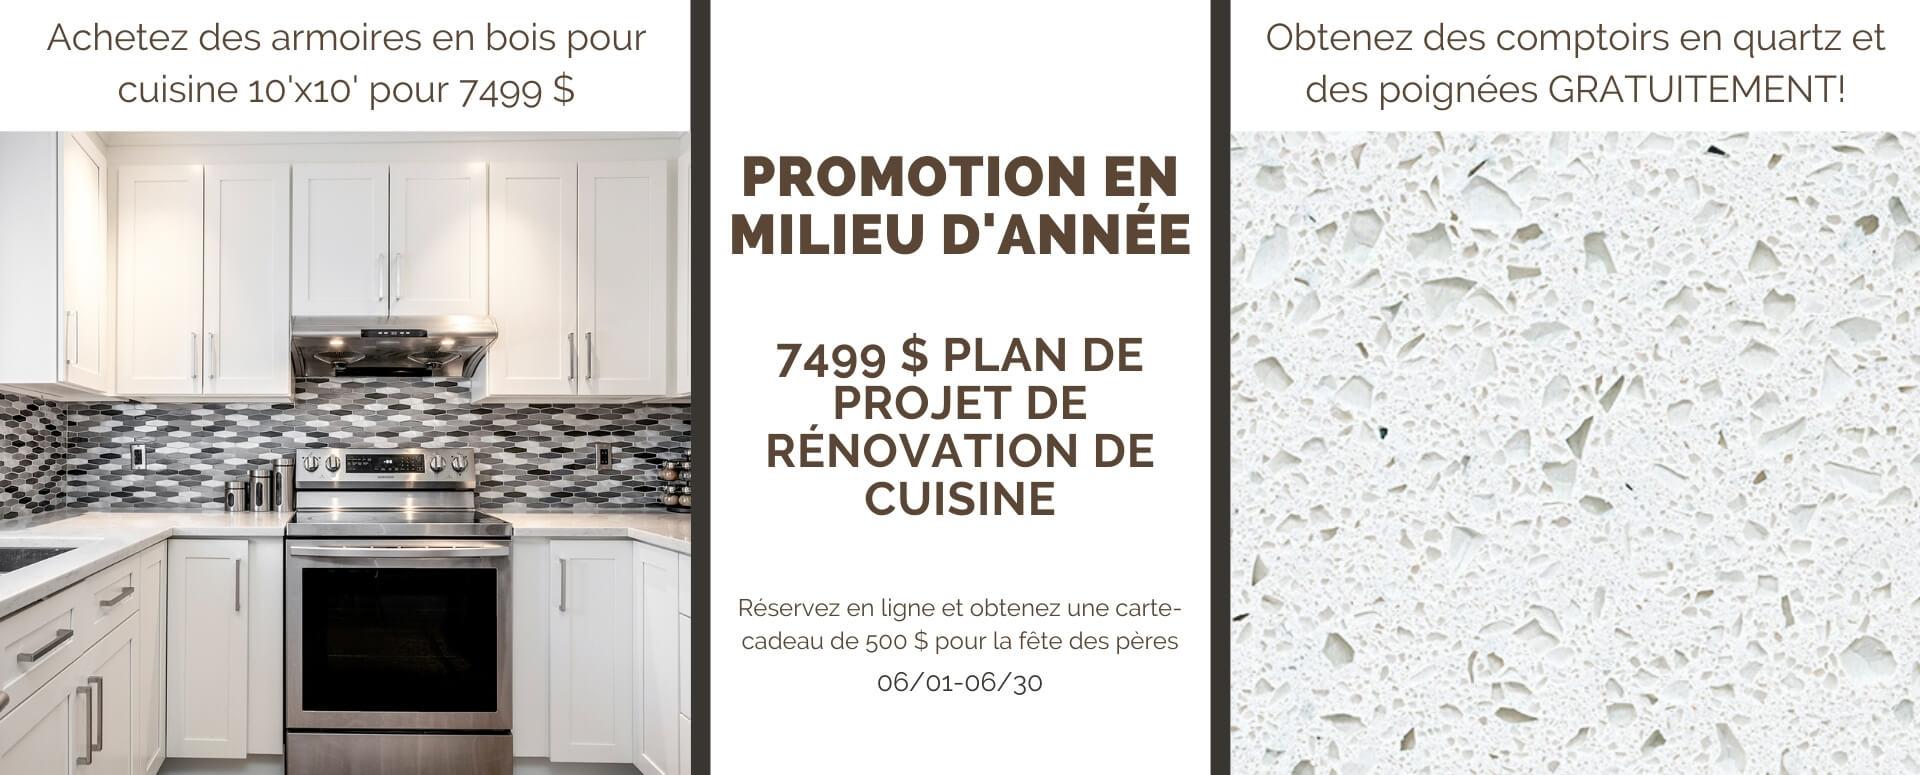 armoires de cuisine Promotion de milieu d'année Montréal